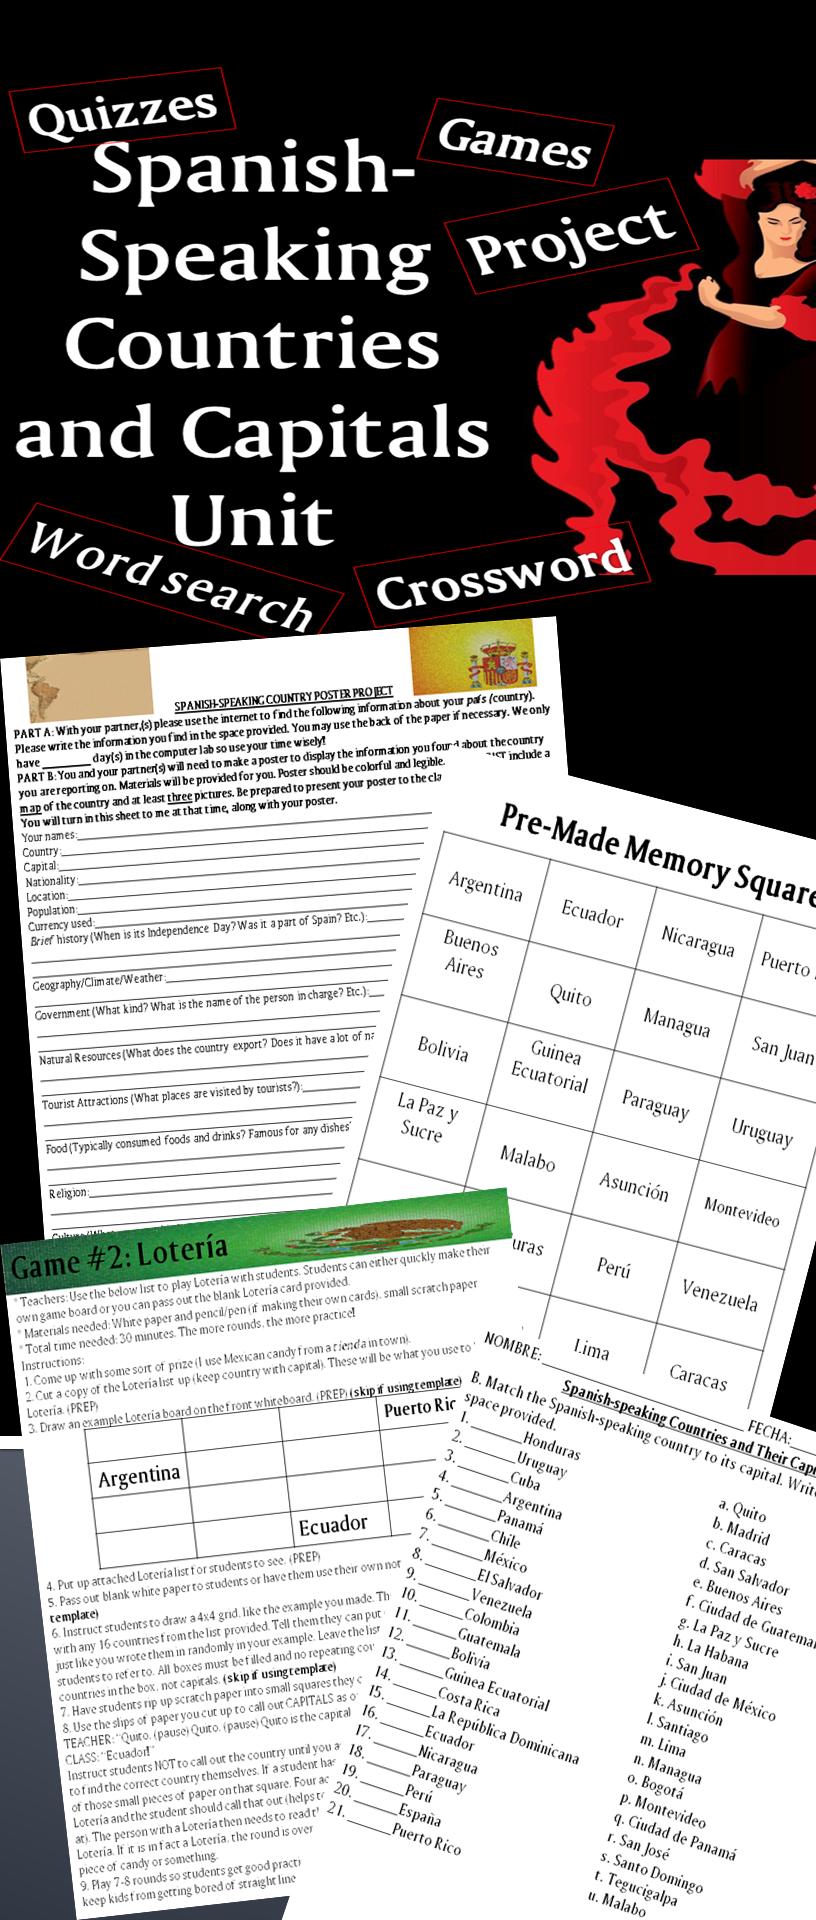 Cryptozoologists study Crossword Clue - Crossword Zone 301